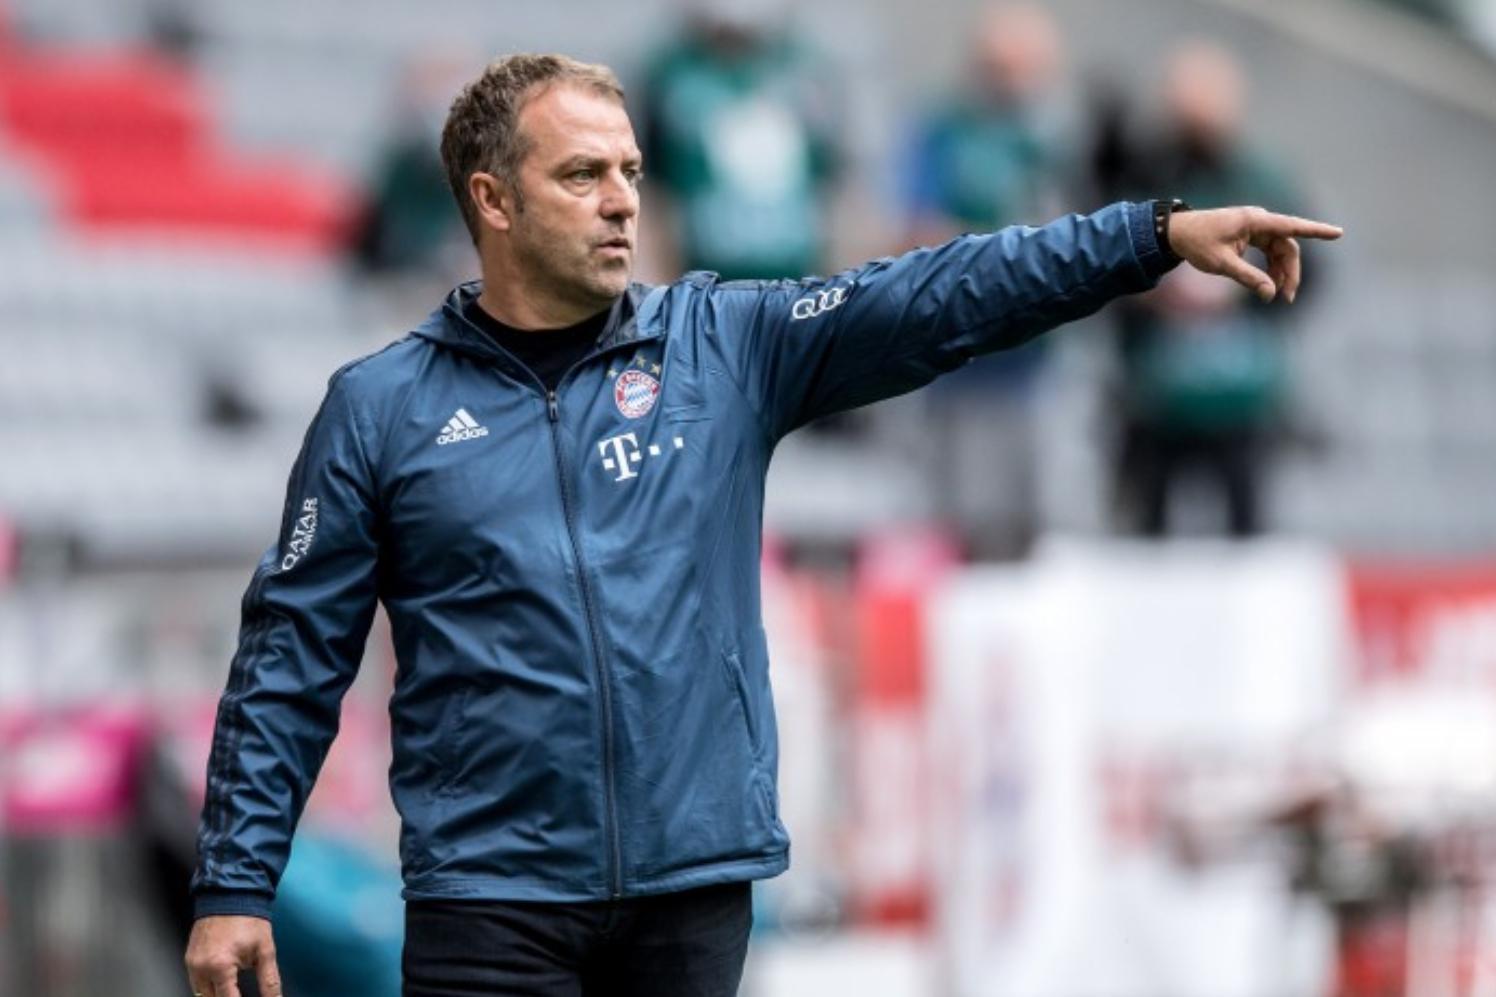 德国国家队将和弗里克进行谈判,首选让他接替勒夫-今球app官网